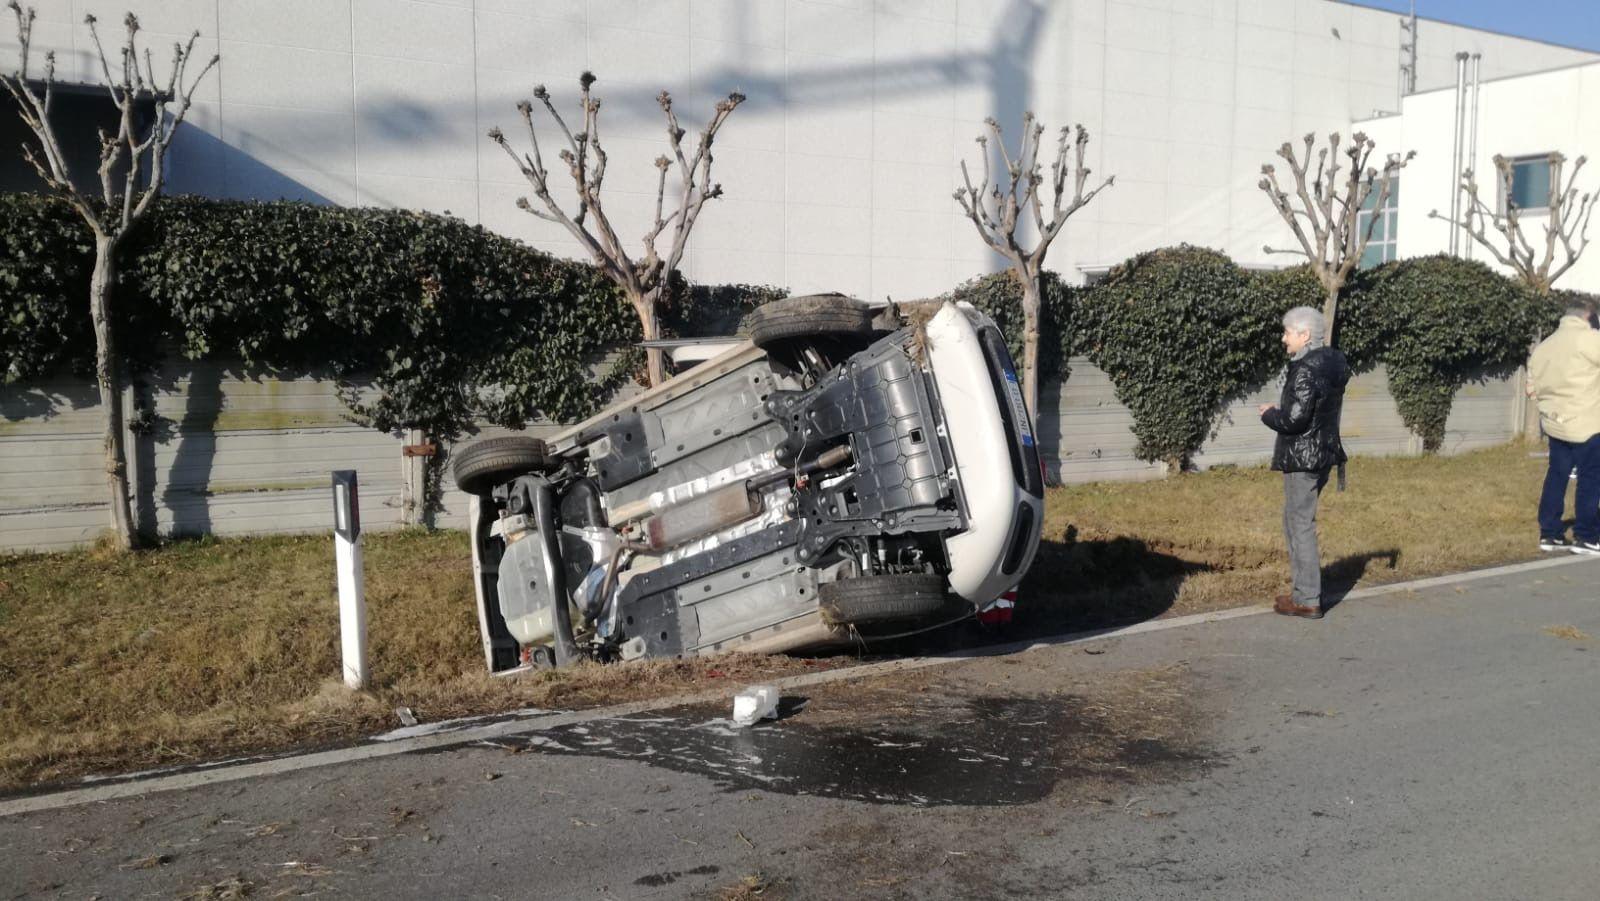 VALPERGA - Incidente stradale: auto ribaltata e un ferito - FOTO